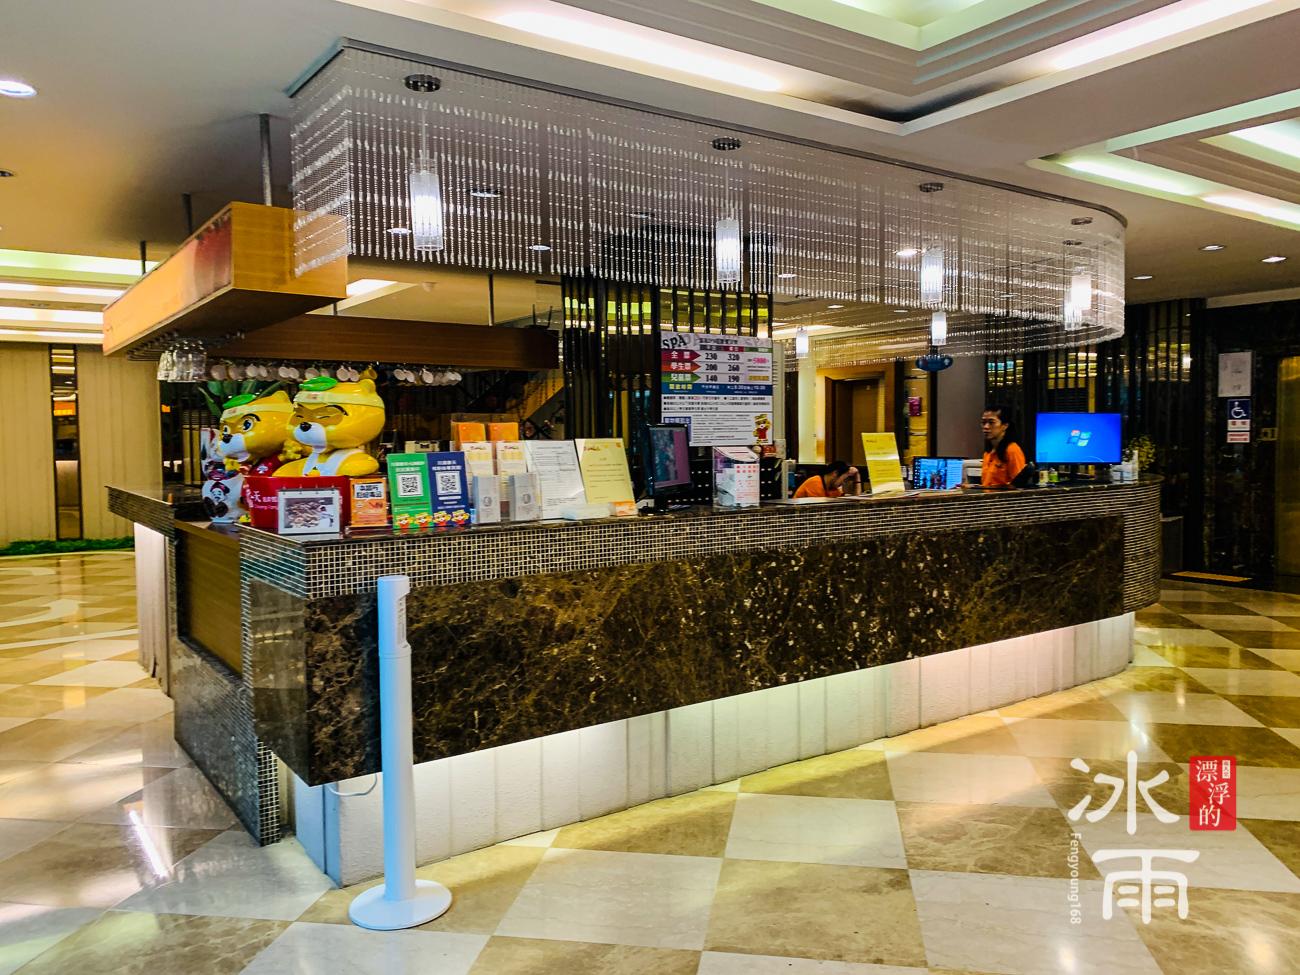 川湯春天溫泉飯店德陽館 可單獨購票泡湯